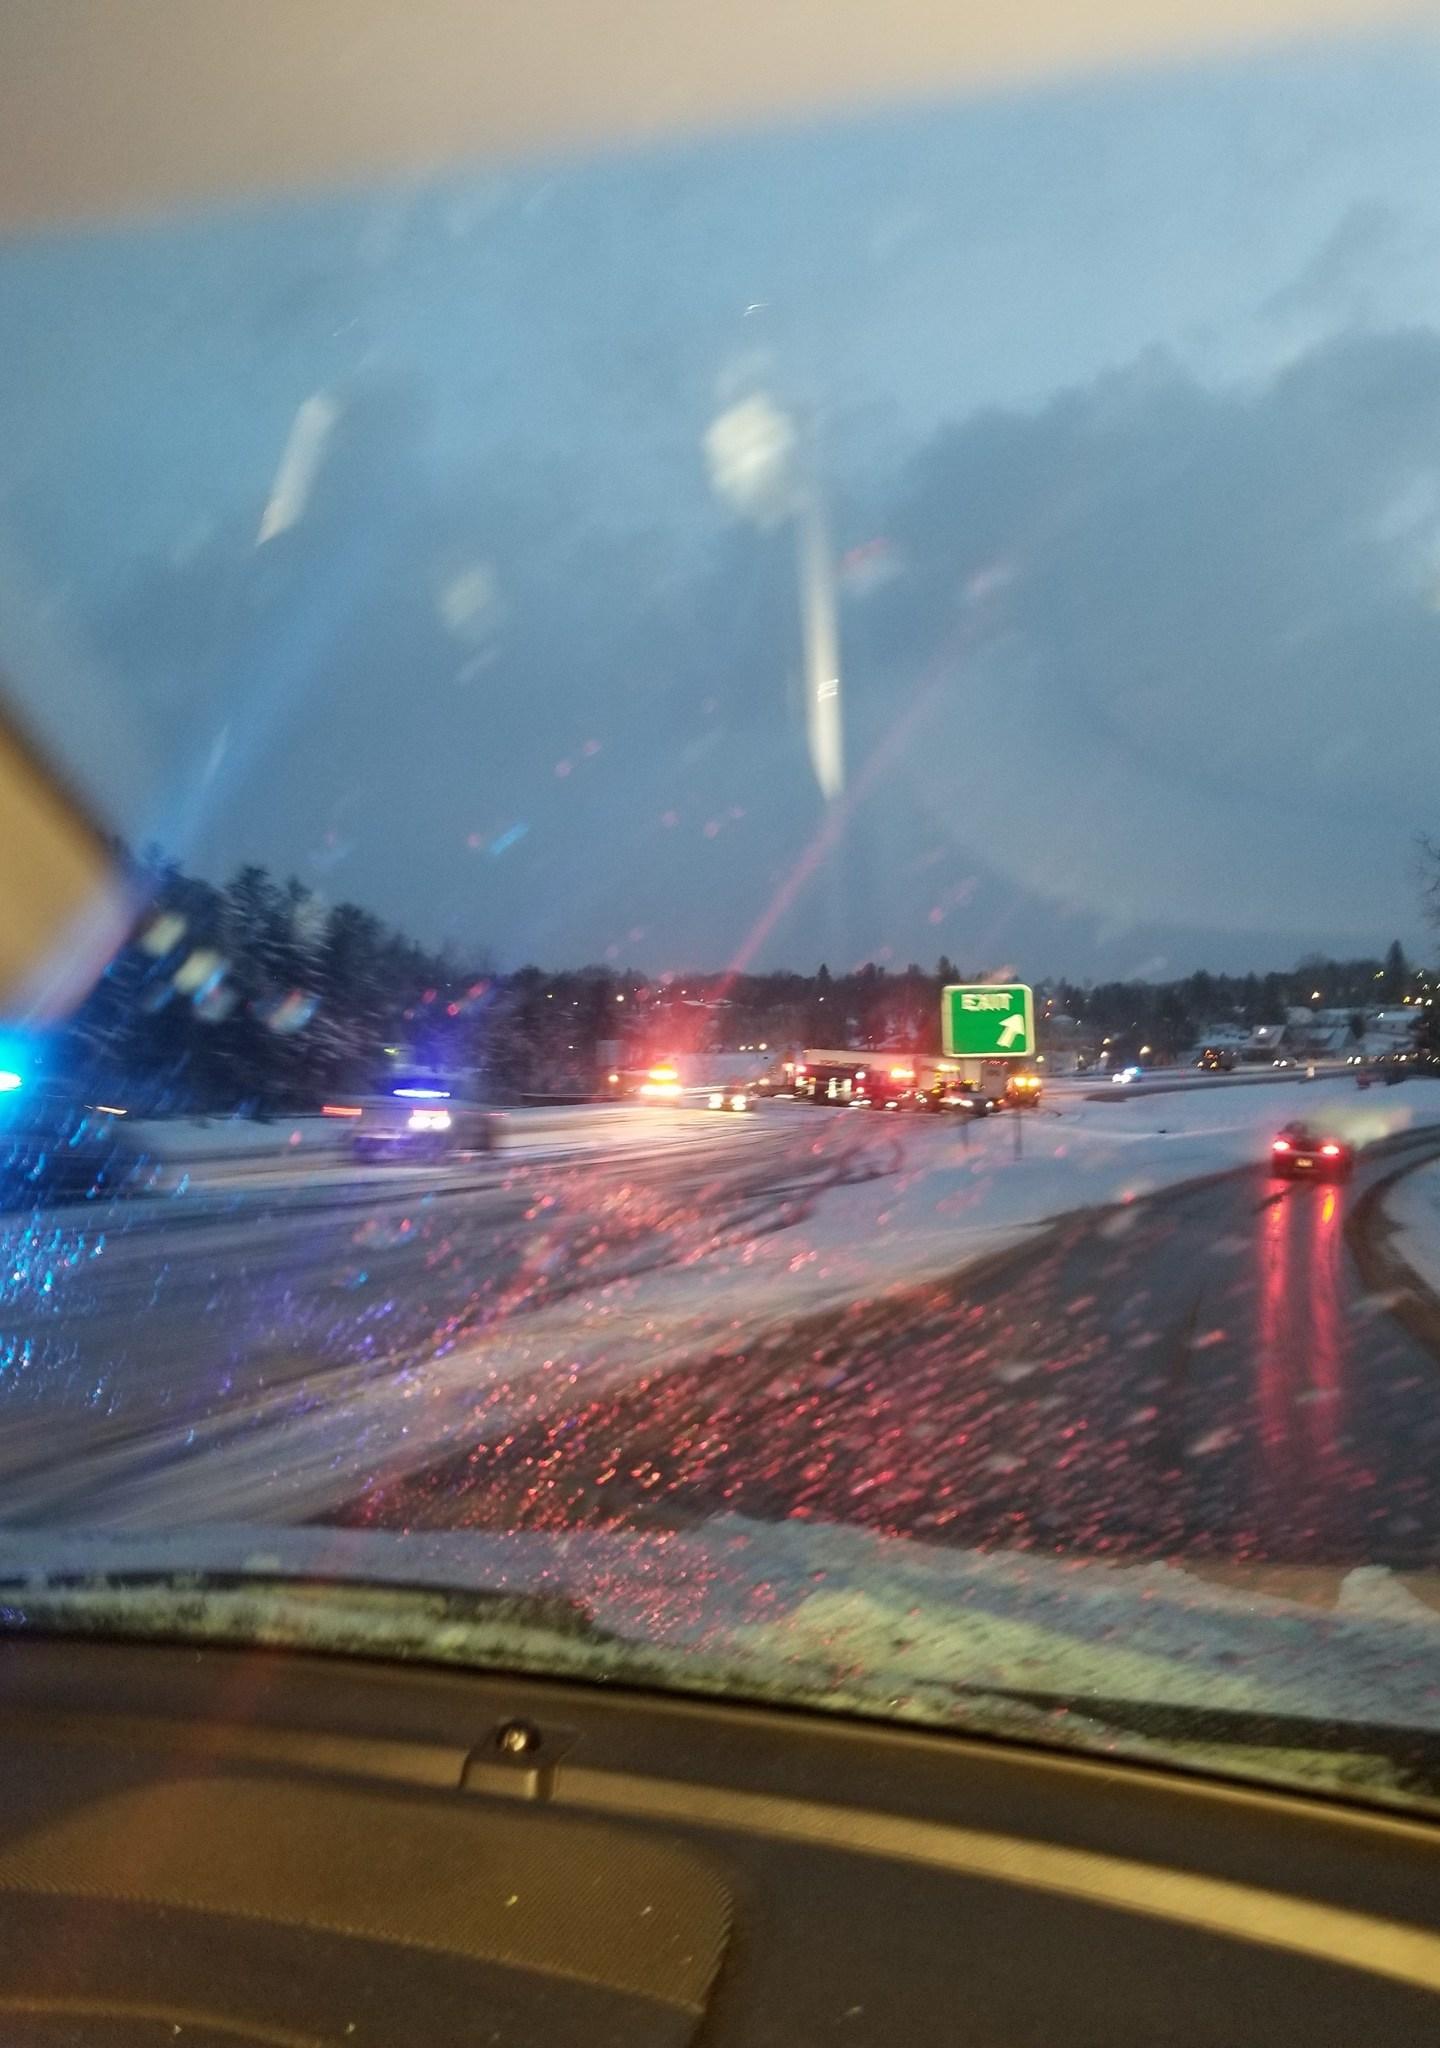 route 16 accident_1521027073960.jpg.jpg